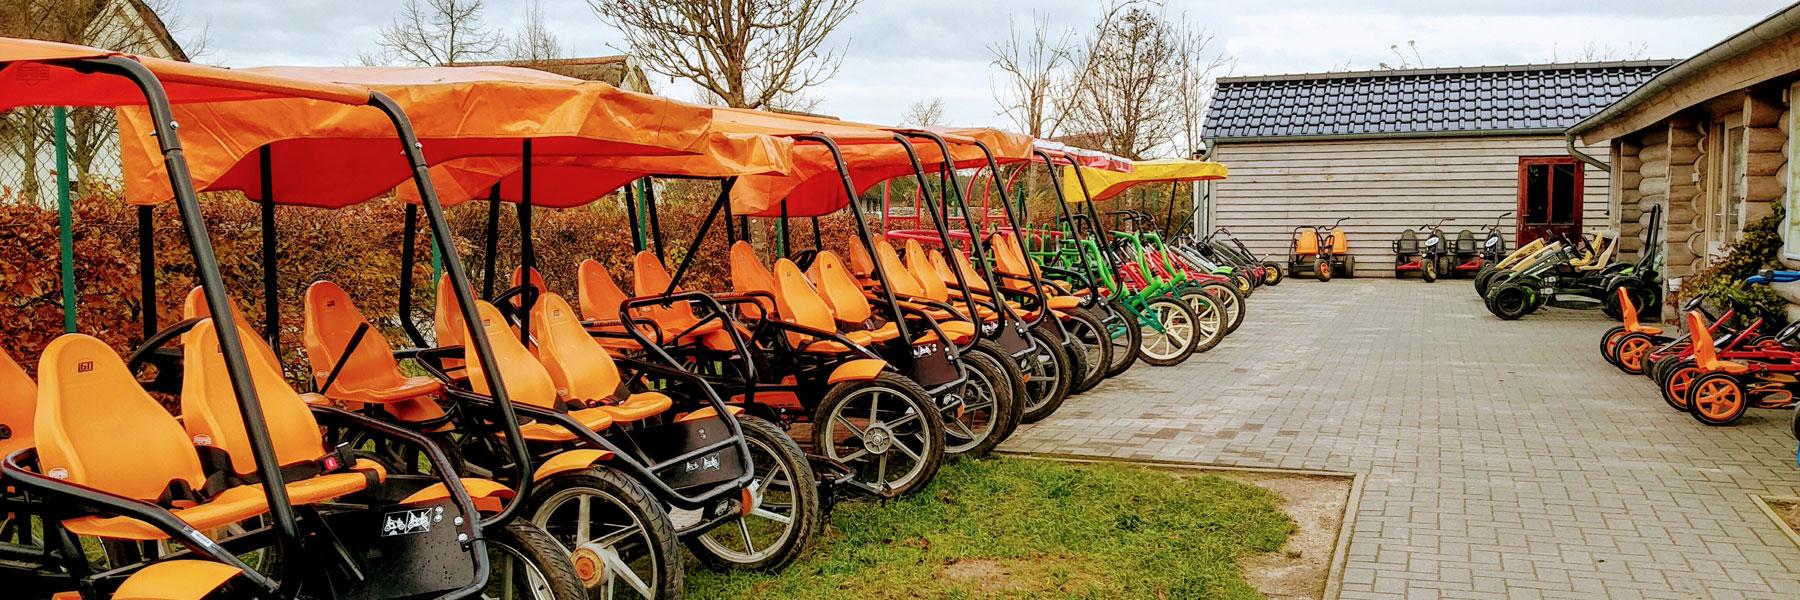 Pedal-Gokarts - WANDERER - Kanu, Rad & Reisen